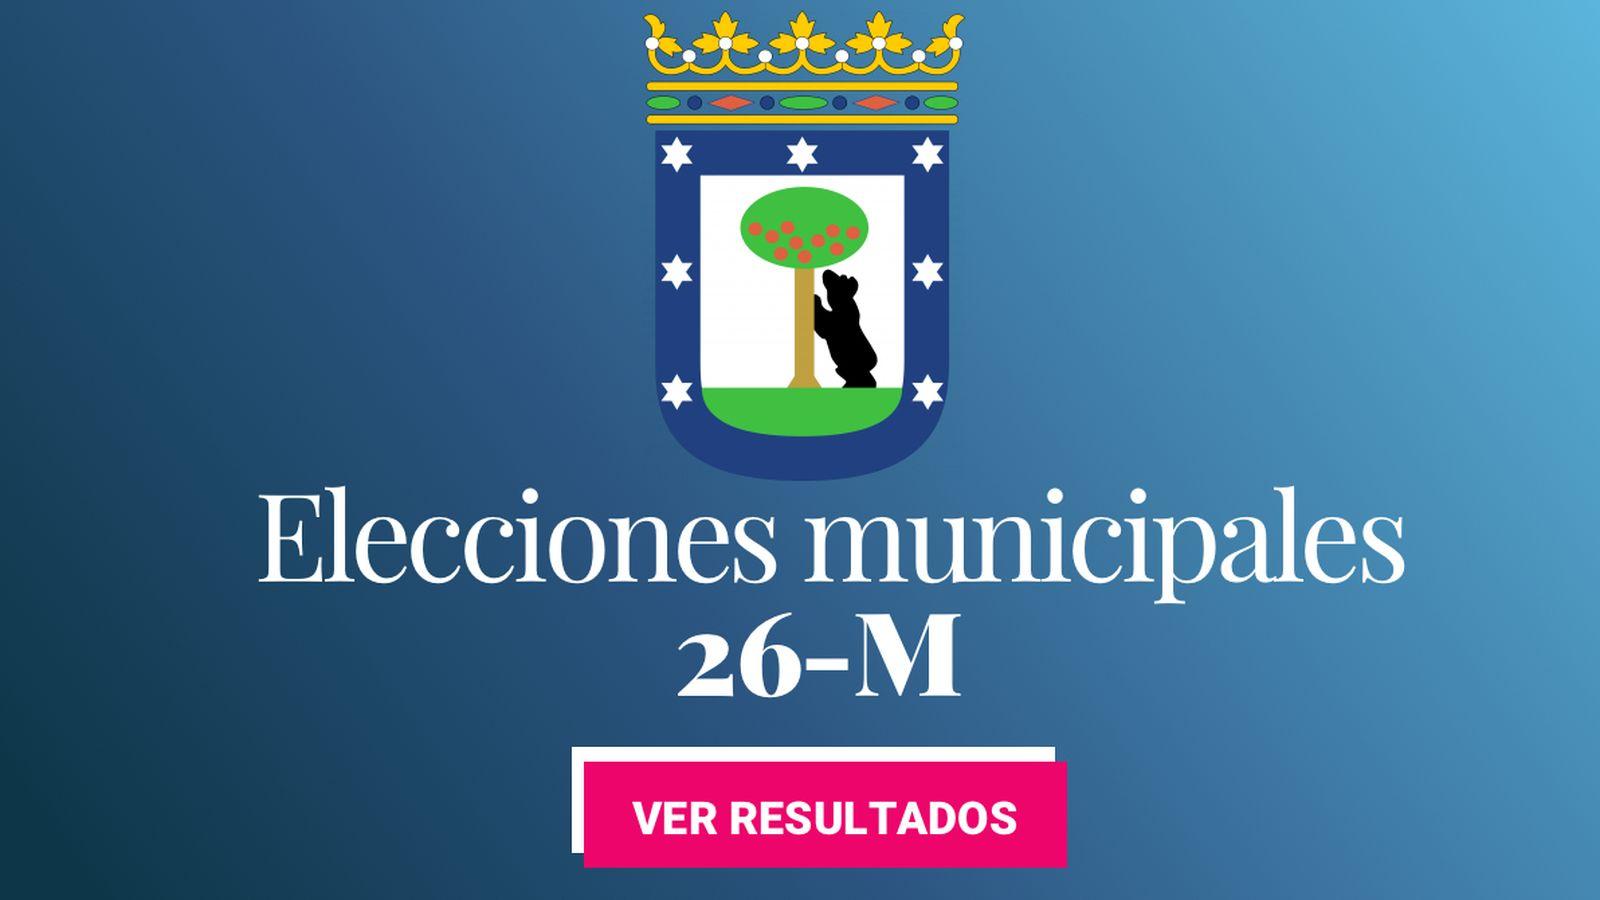 Foto: Elecciones municipales 2019 en Madrid. (C.C./EC)